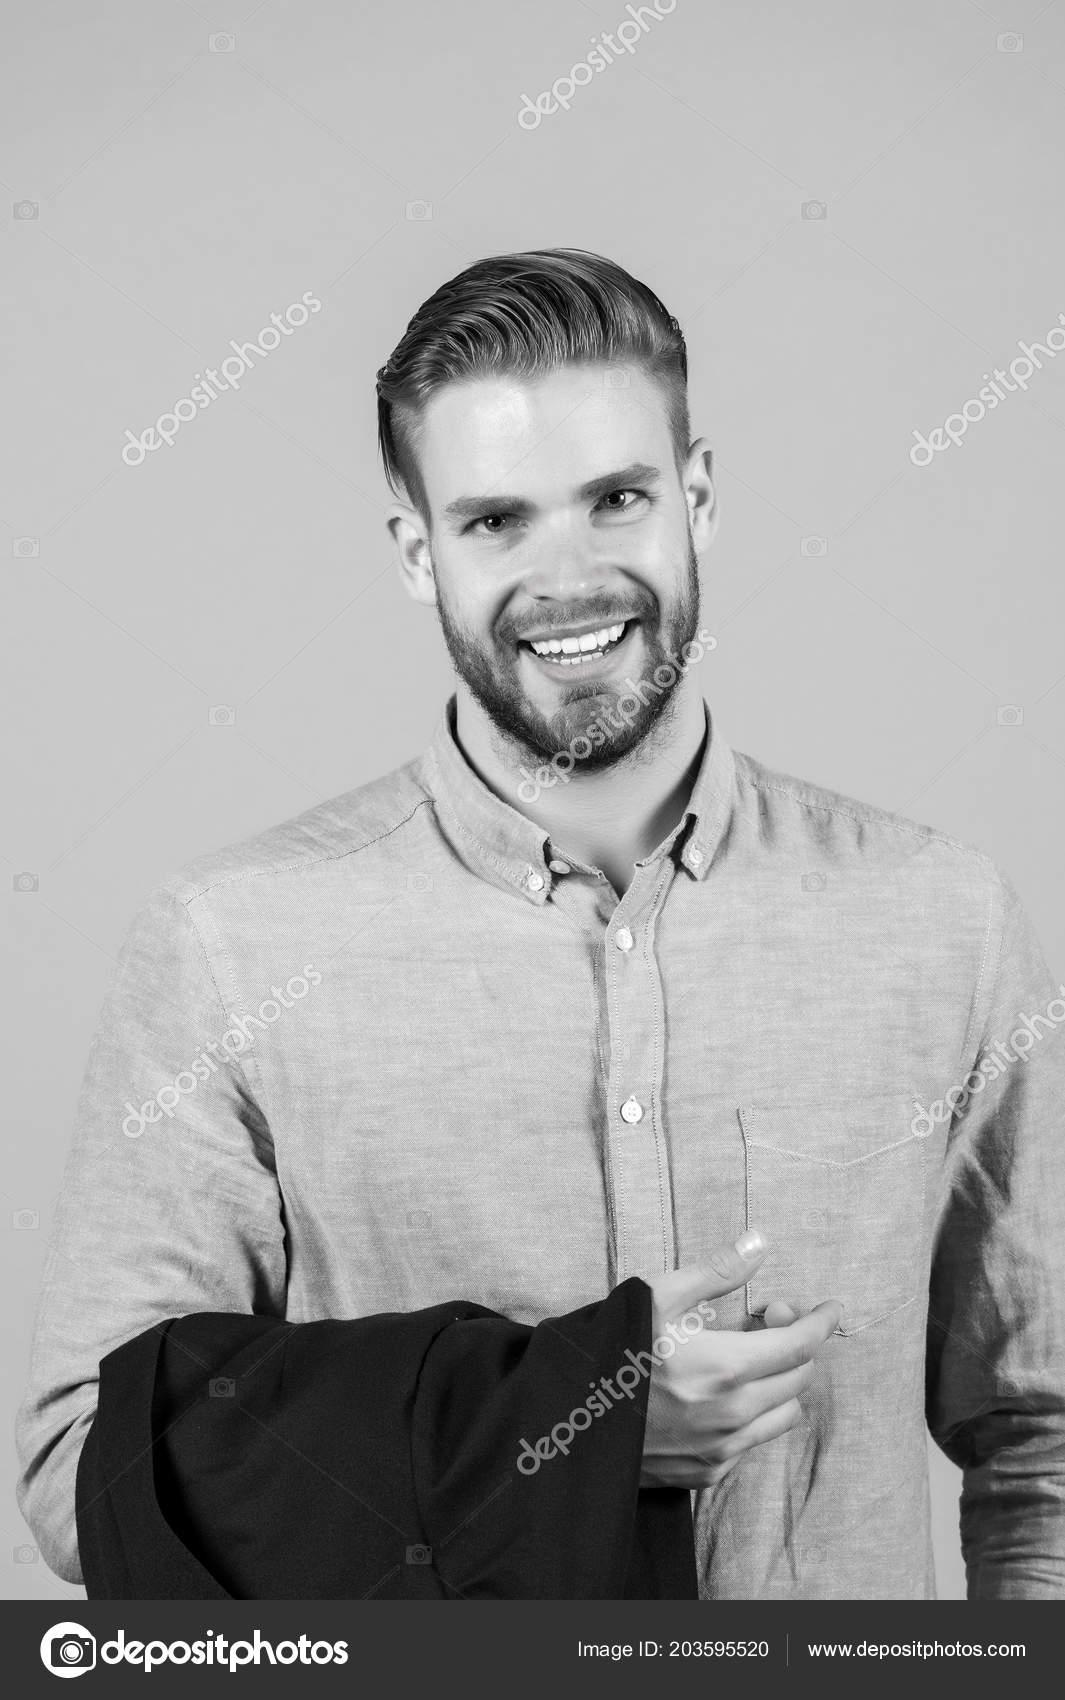 Sonrisa De Hombre Con Barba De La Cara Y Cabello Rubio